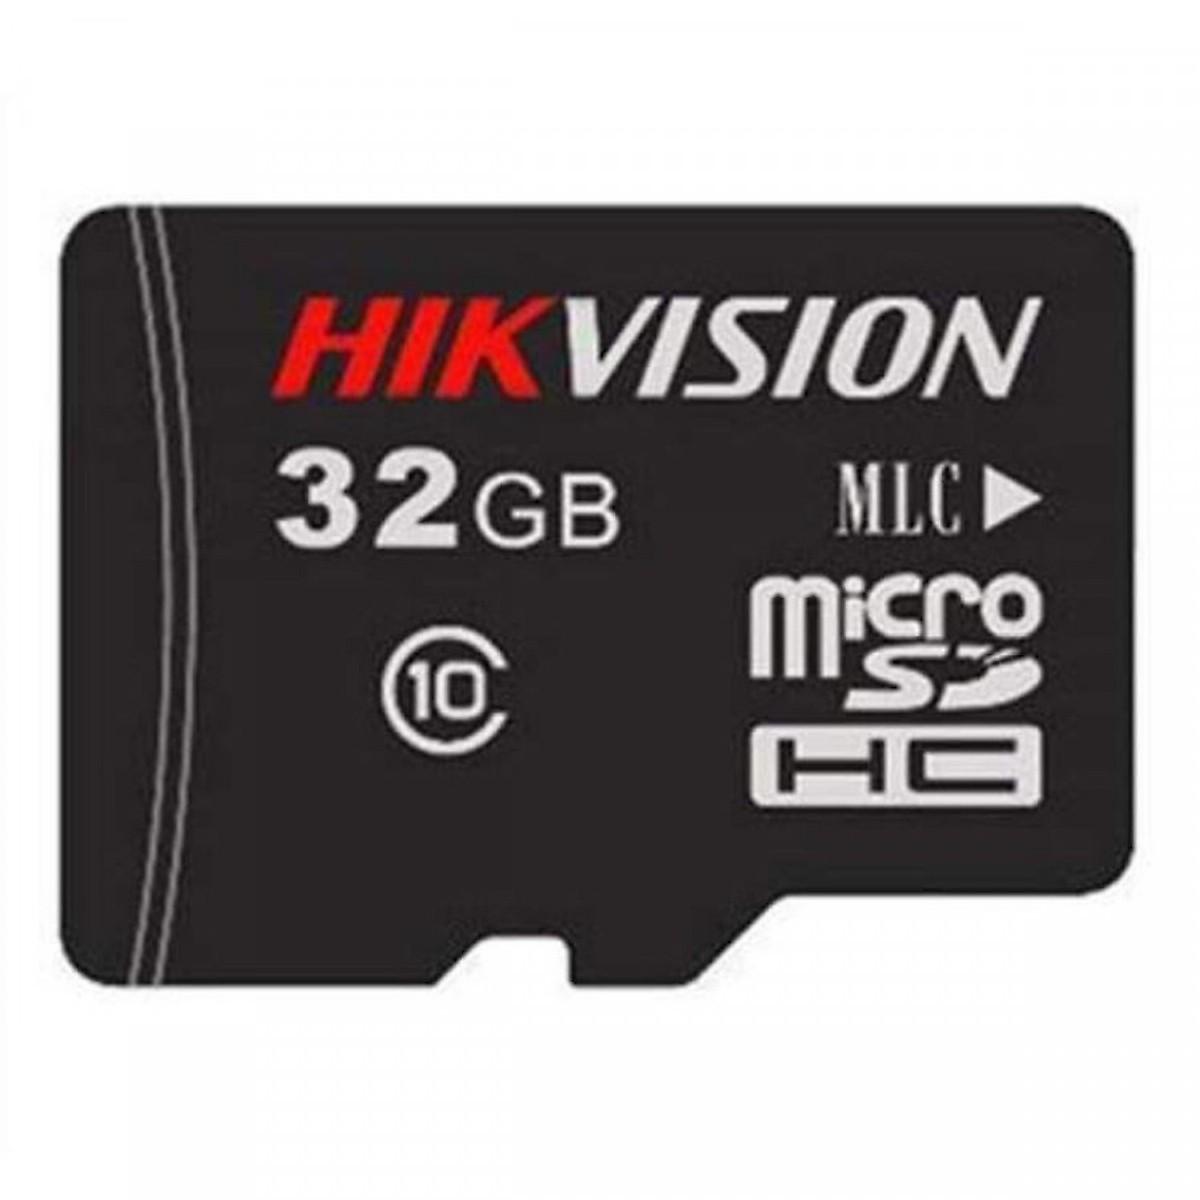 Camera IP Ezviz C3W CS-CV310 1080P (Color Night Vision) - Có Còi Báo Động + Ghi Hình Màu Ban Đêm - Hàng Chính Hãng